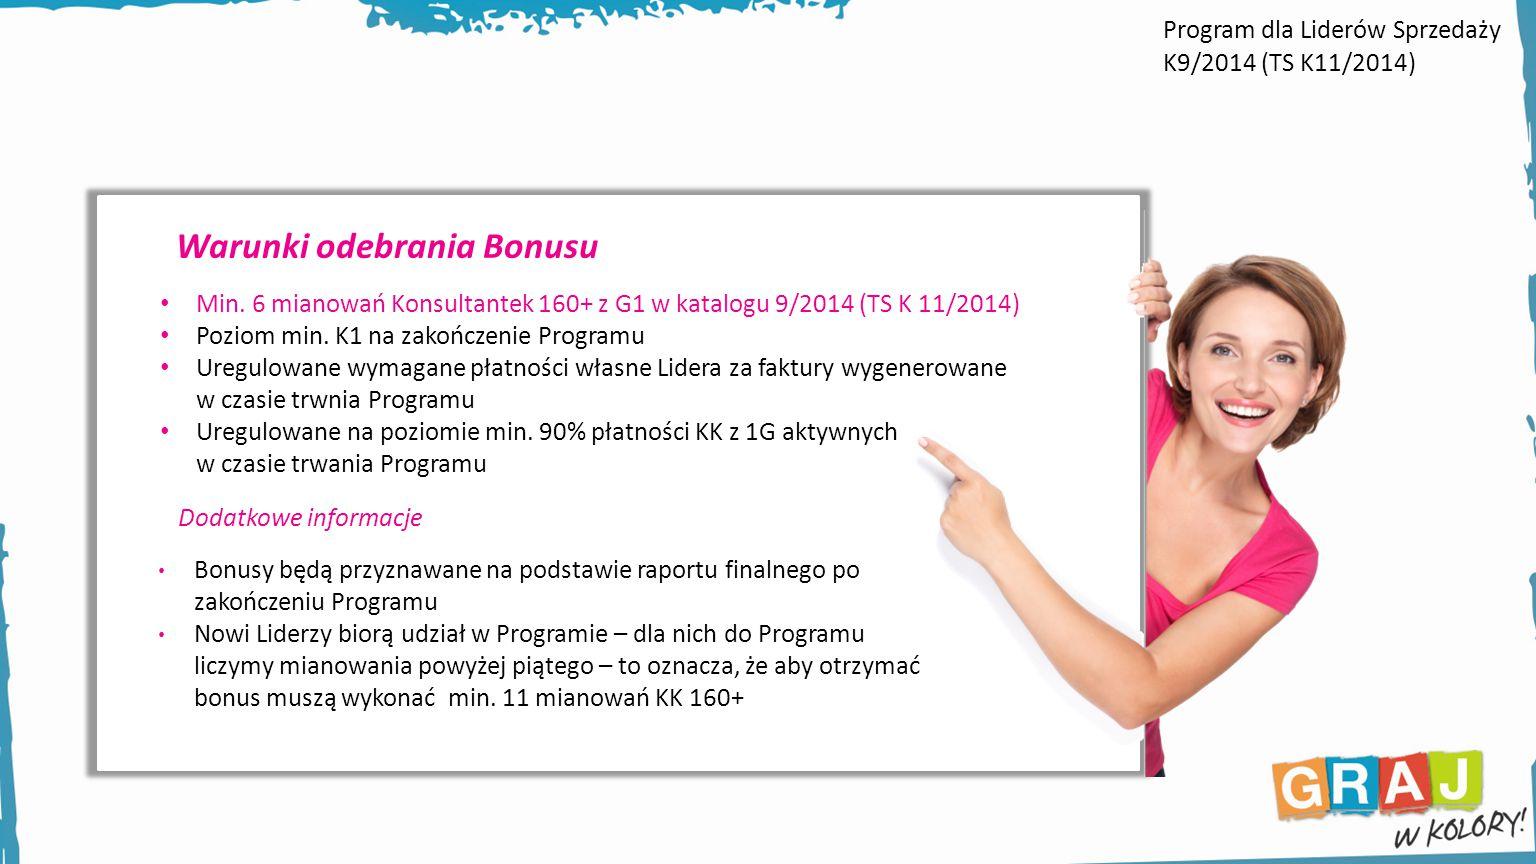 Warunki odebrania Bonusu Min. 6 mianowań Konsultantek 160+ z G1 w katalogu 9/2014 (TS K 11/2014) Poziom min. K1 na zakończenie Programu Uregulowane wy